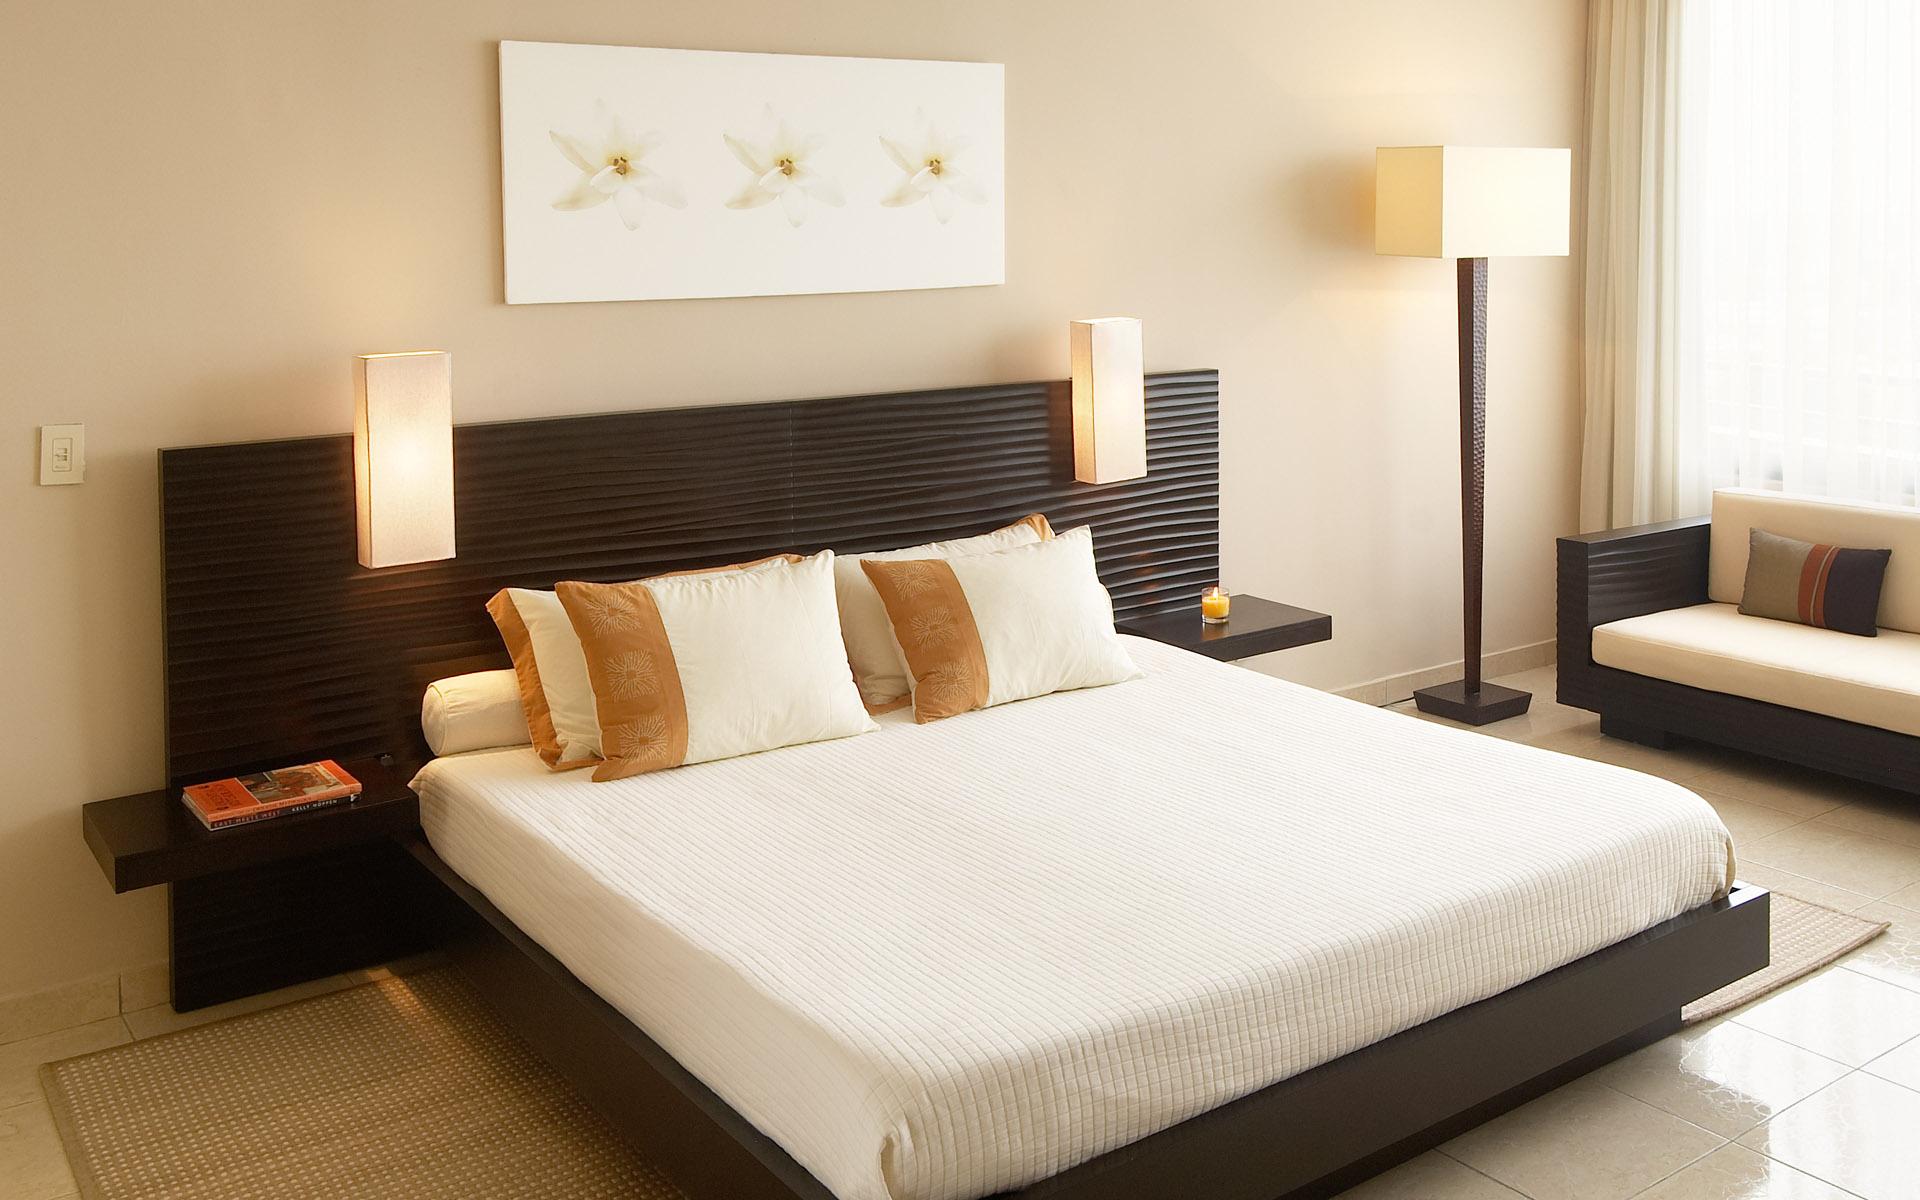 Фото красивых кроватей своими